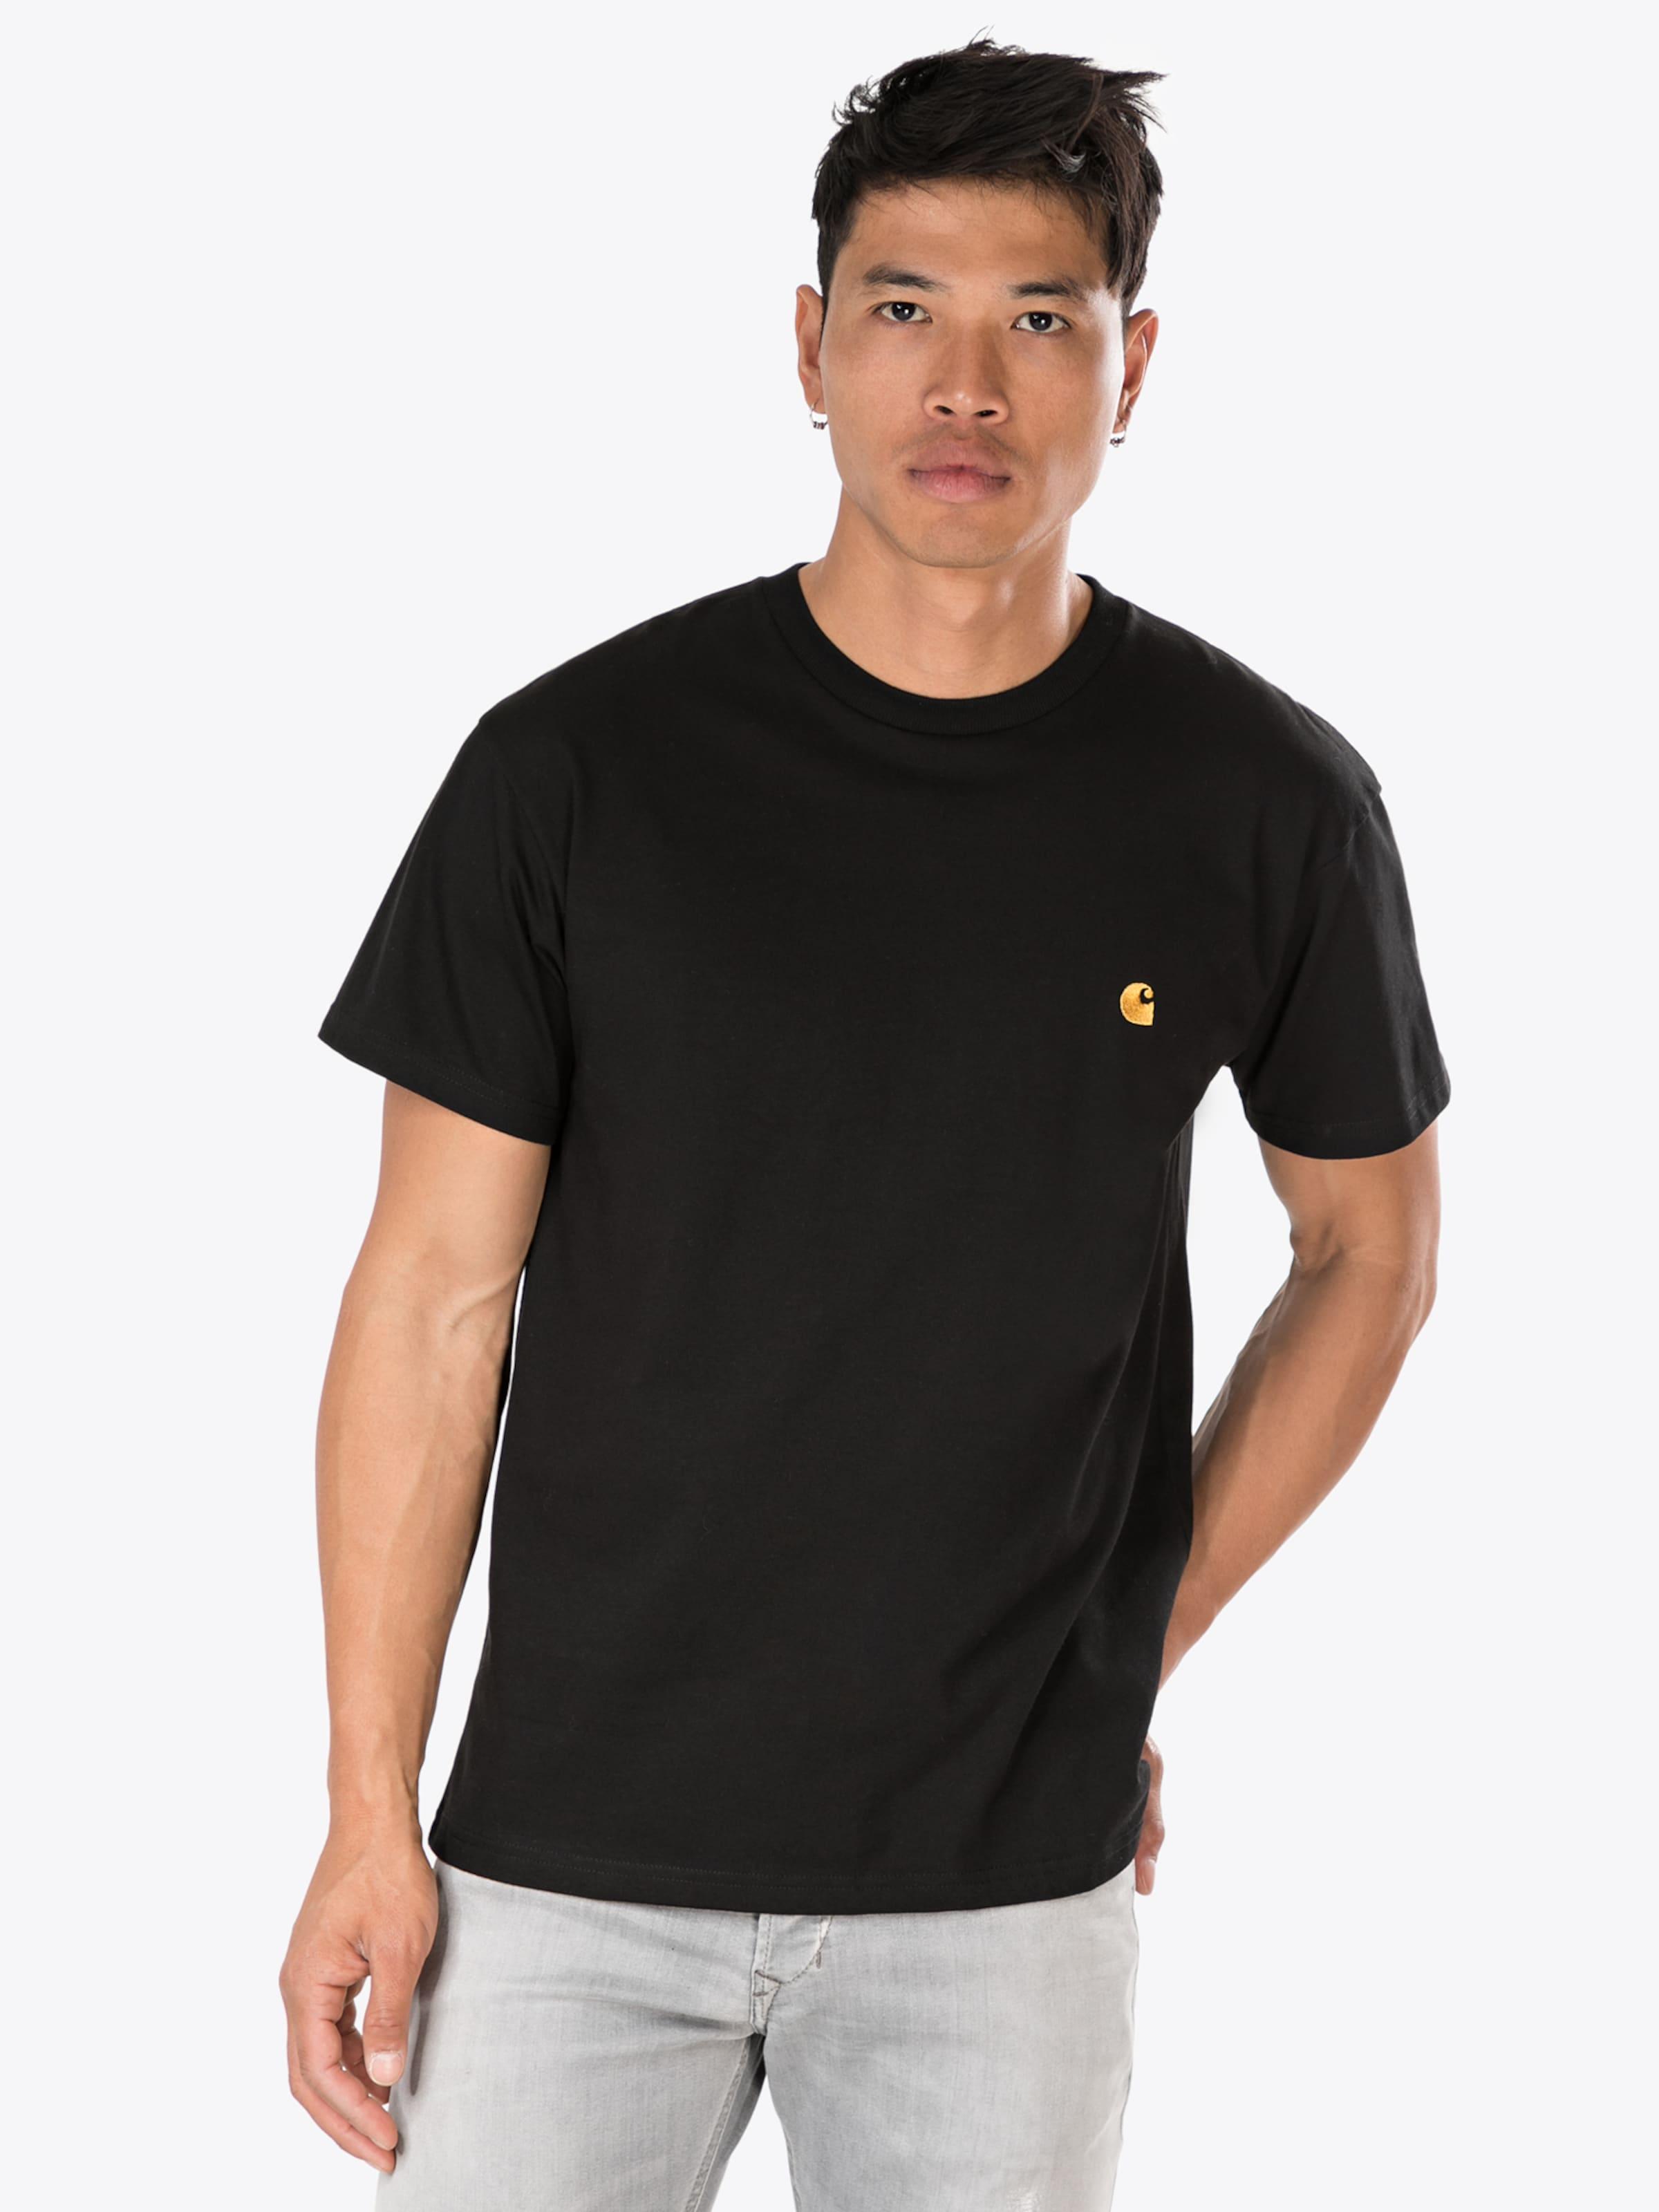 Noir shirt 'chase' En T Wip Carhartt 0kOPn8w